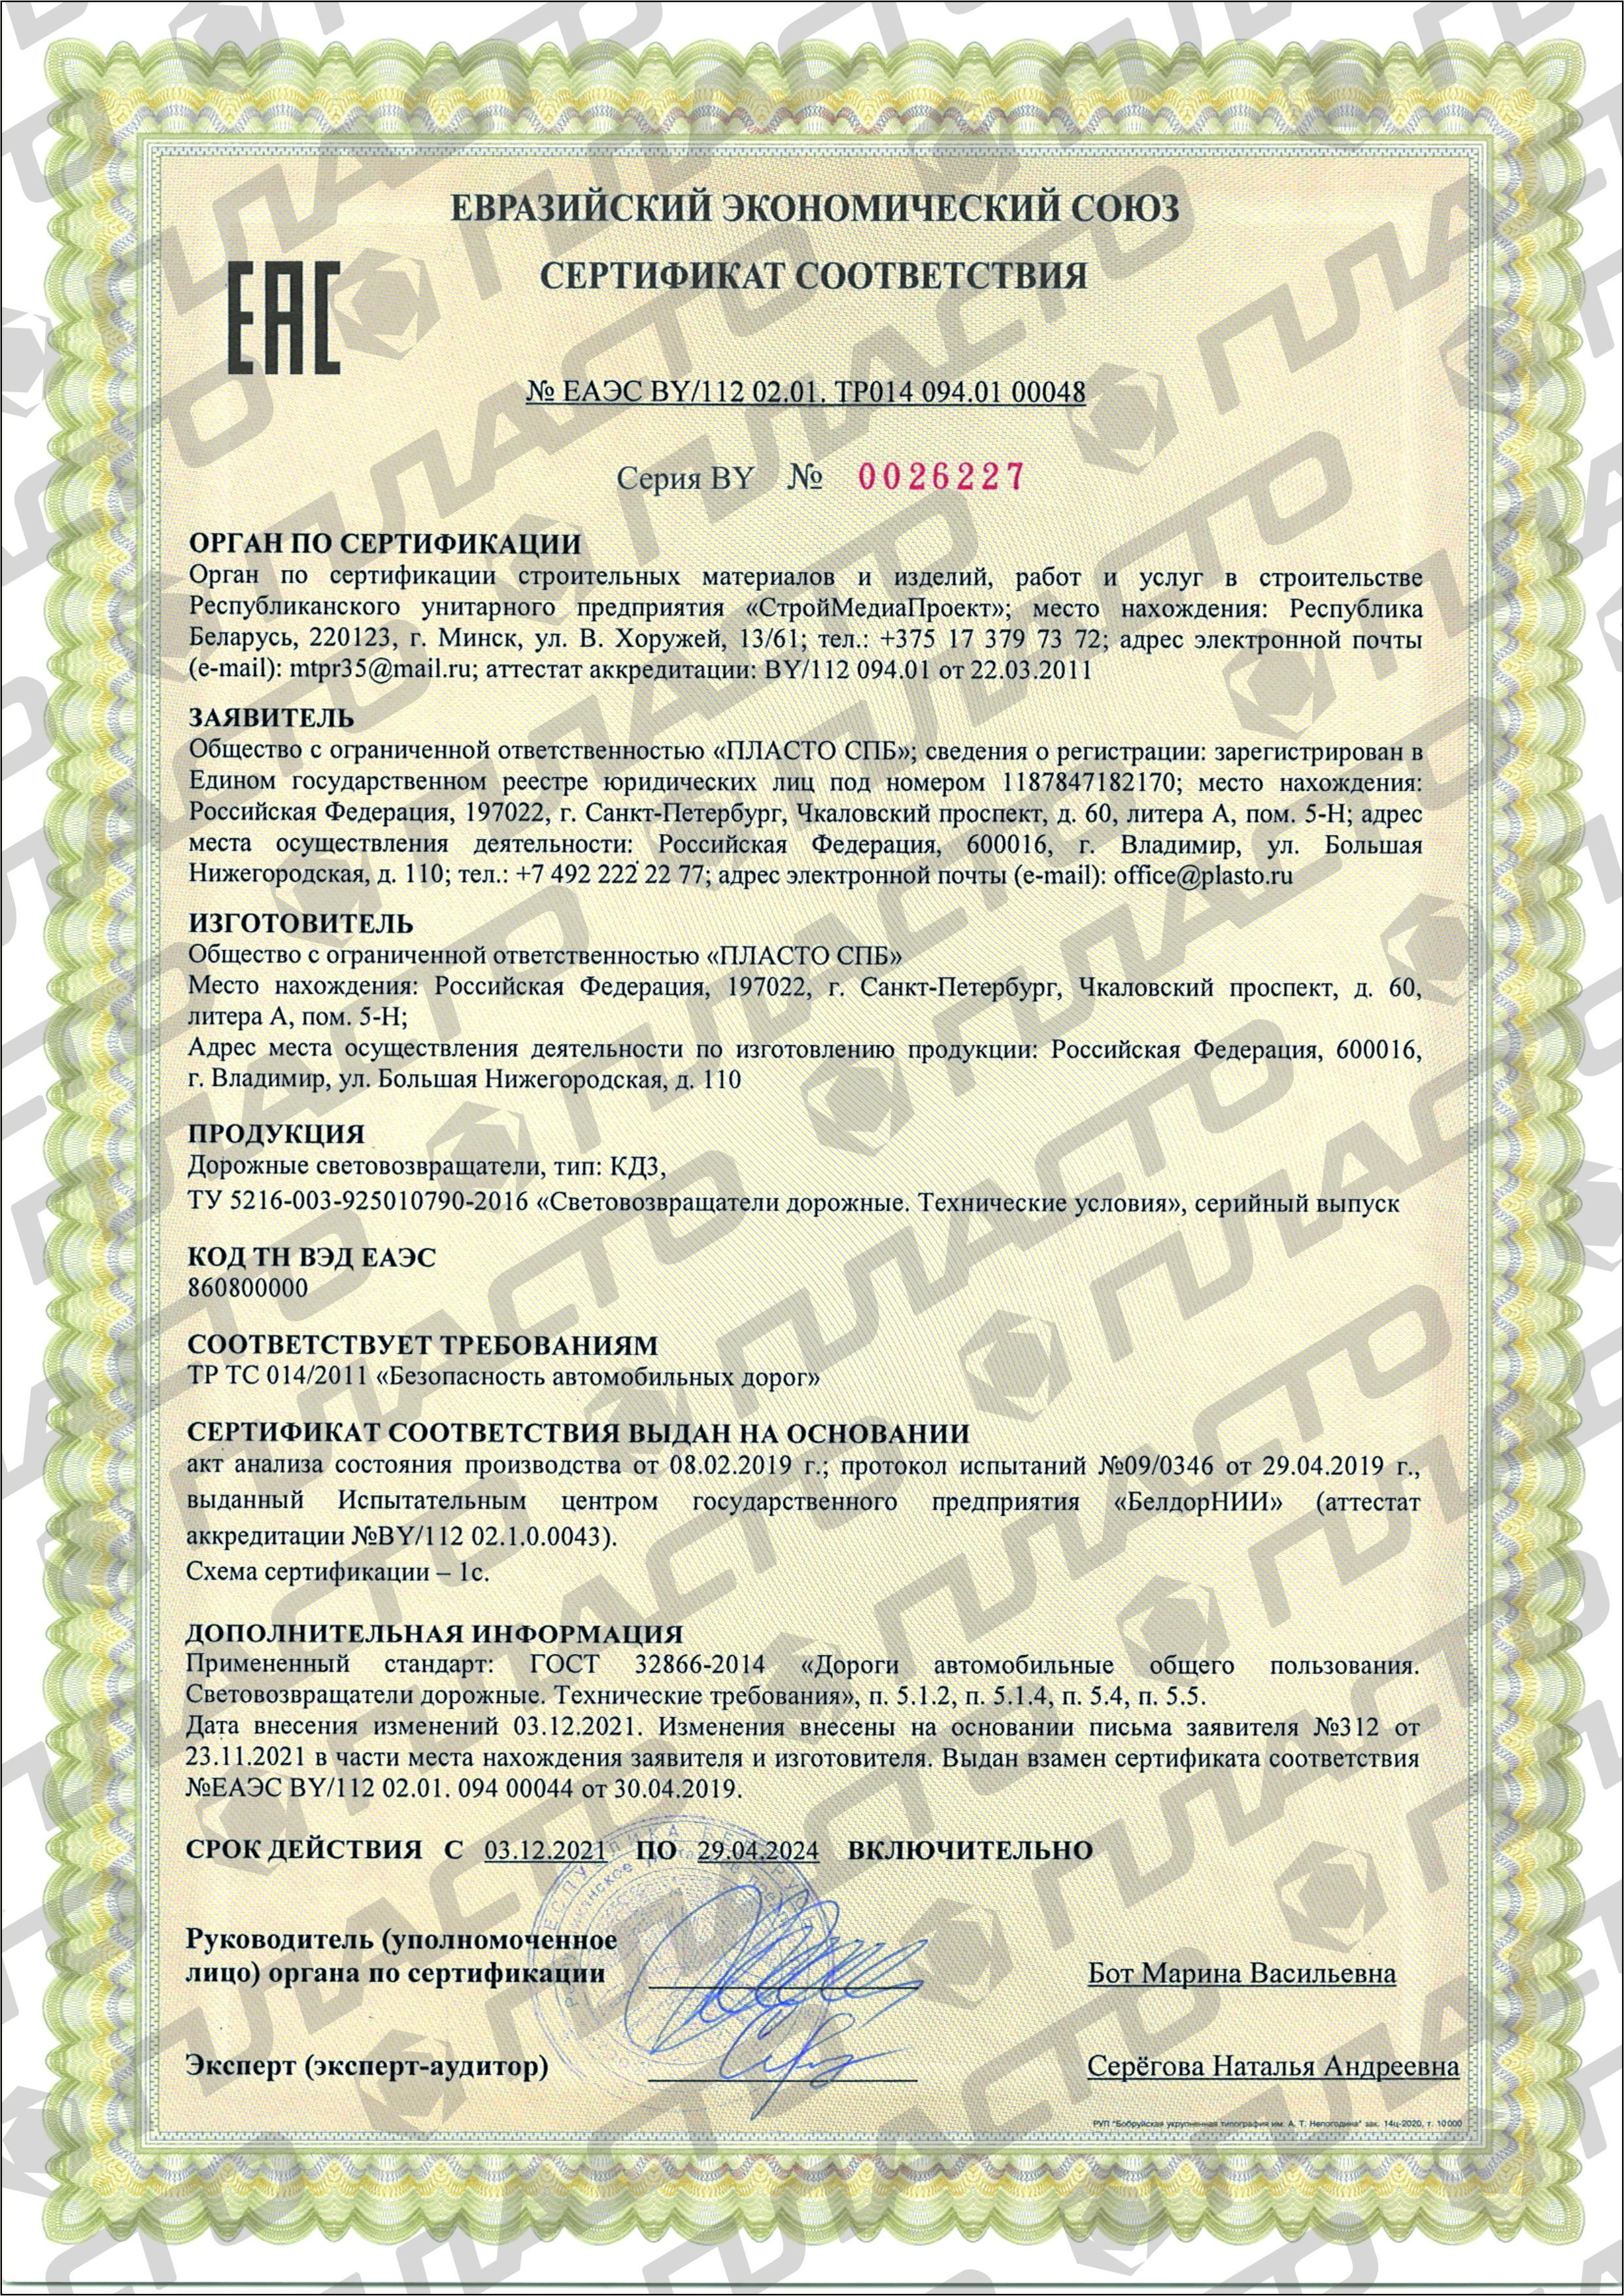 сертификат катафот дорожный кд1 кд2 кд3 кд4 кд5